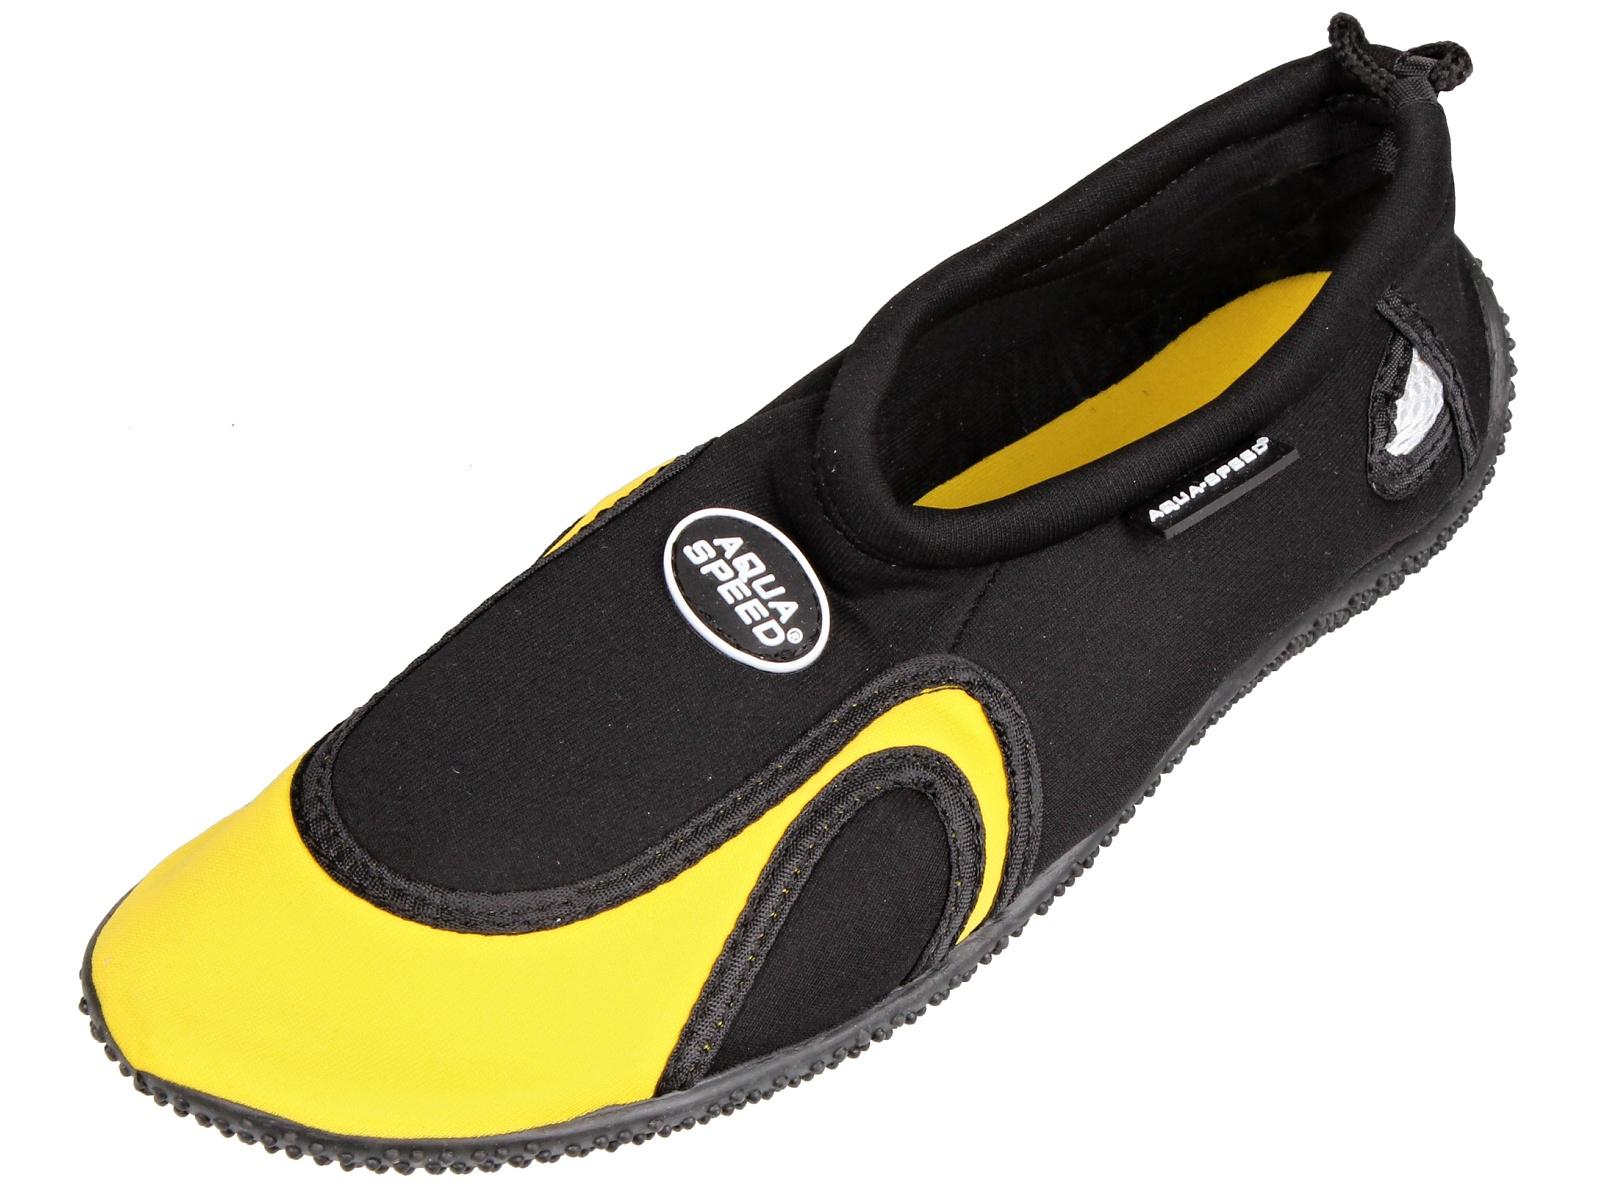 Topánky do vody AQUA-SPEED 18 - veľ. 45